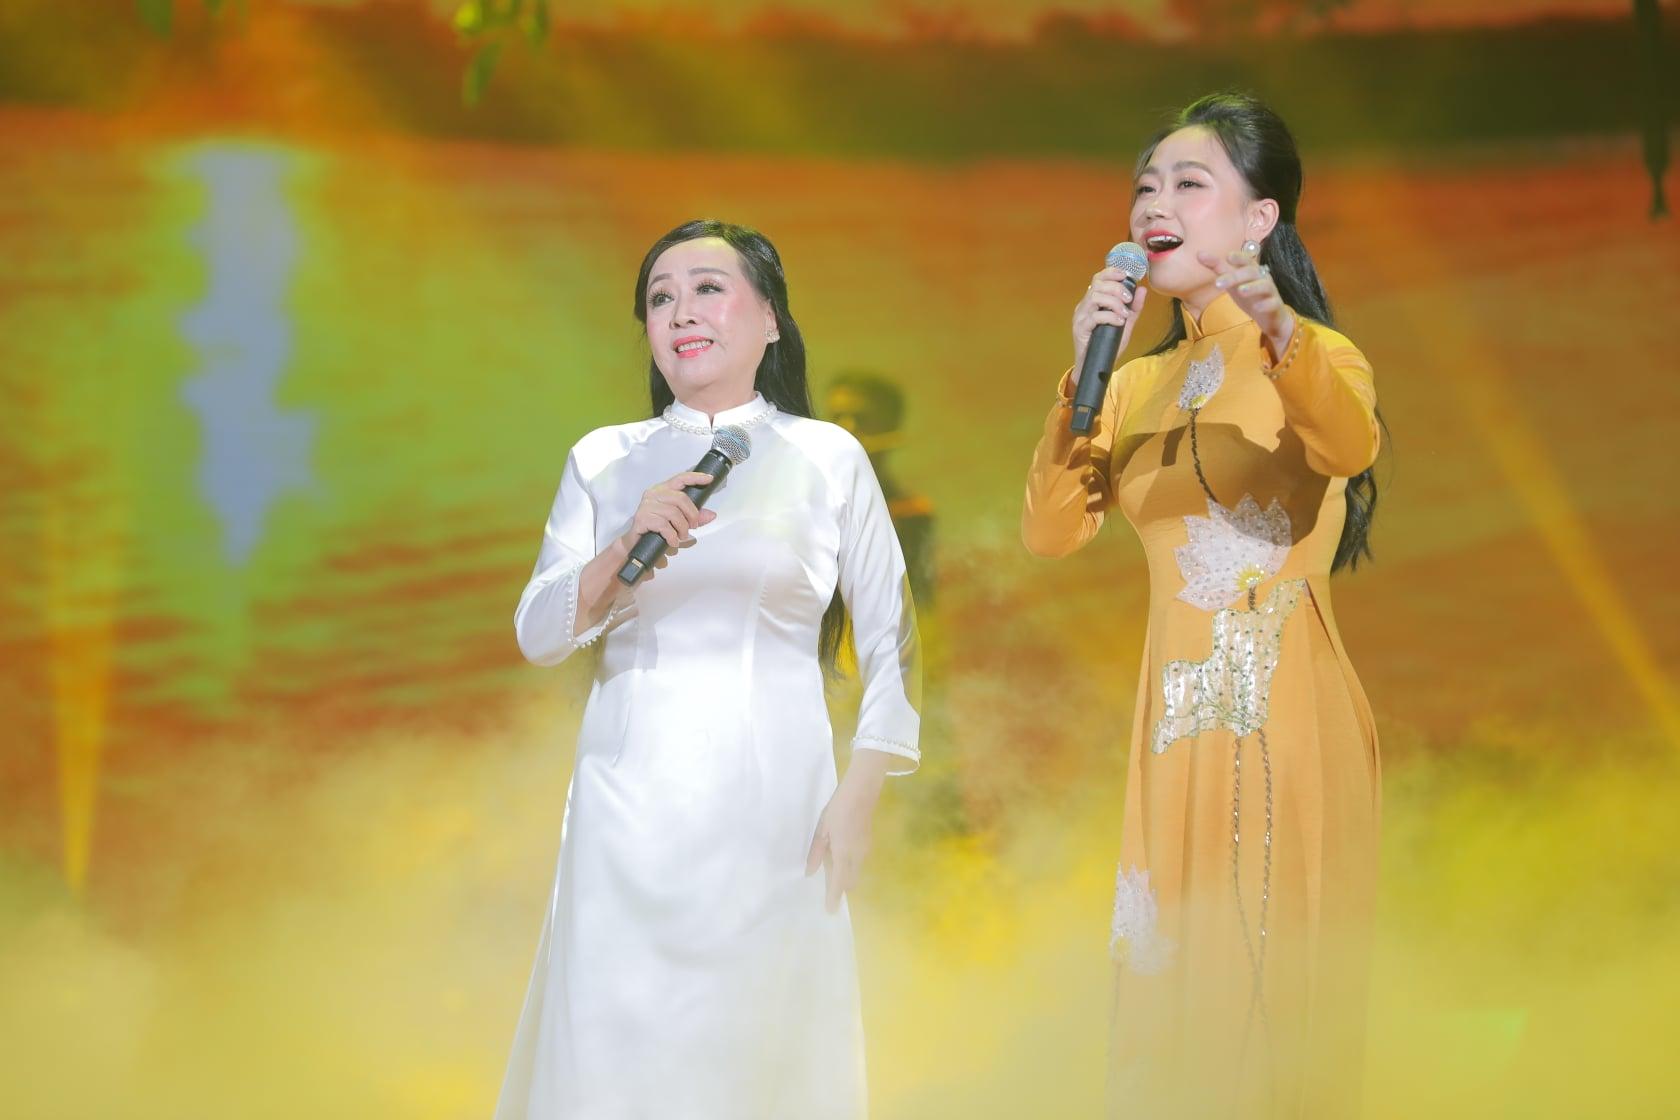 VTV true Concert 2021: Khúc hoan ca vĩnh cửu của Nước và Mẹ Thiên nhiên 5